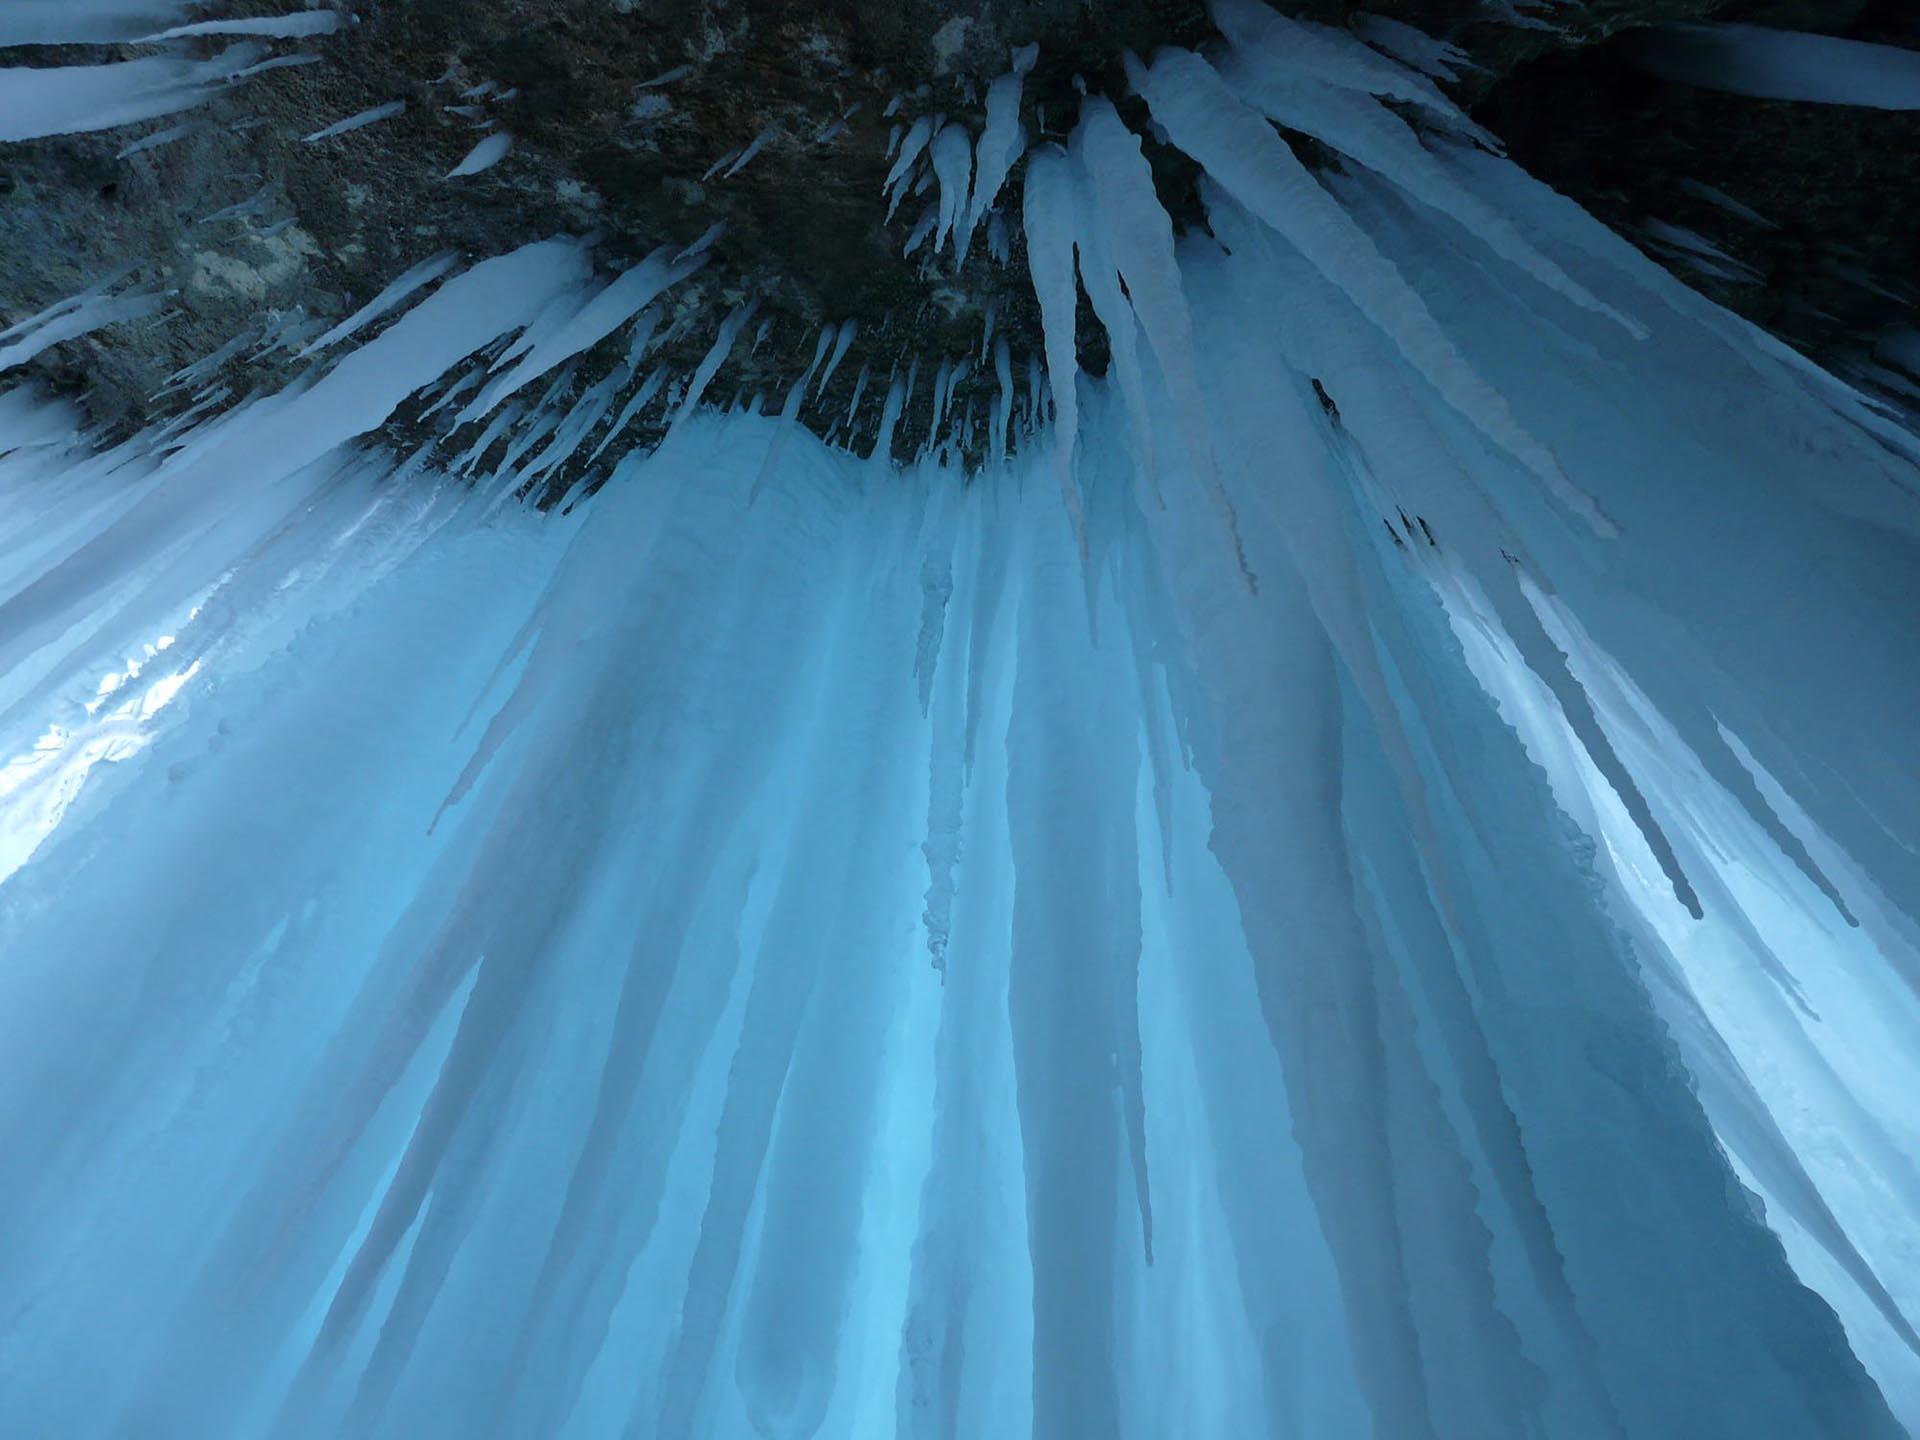 Las cuevas de hielo son uno de los fenómenos invernales más espectaculares de Ontario